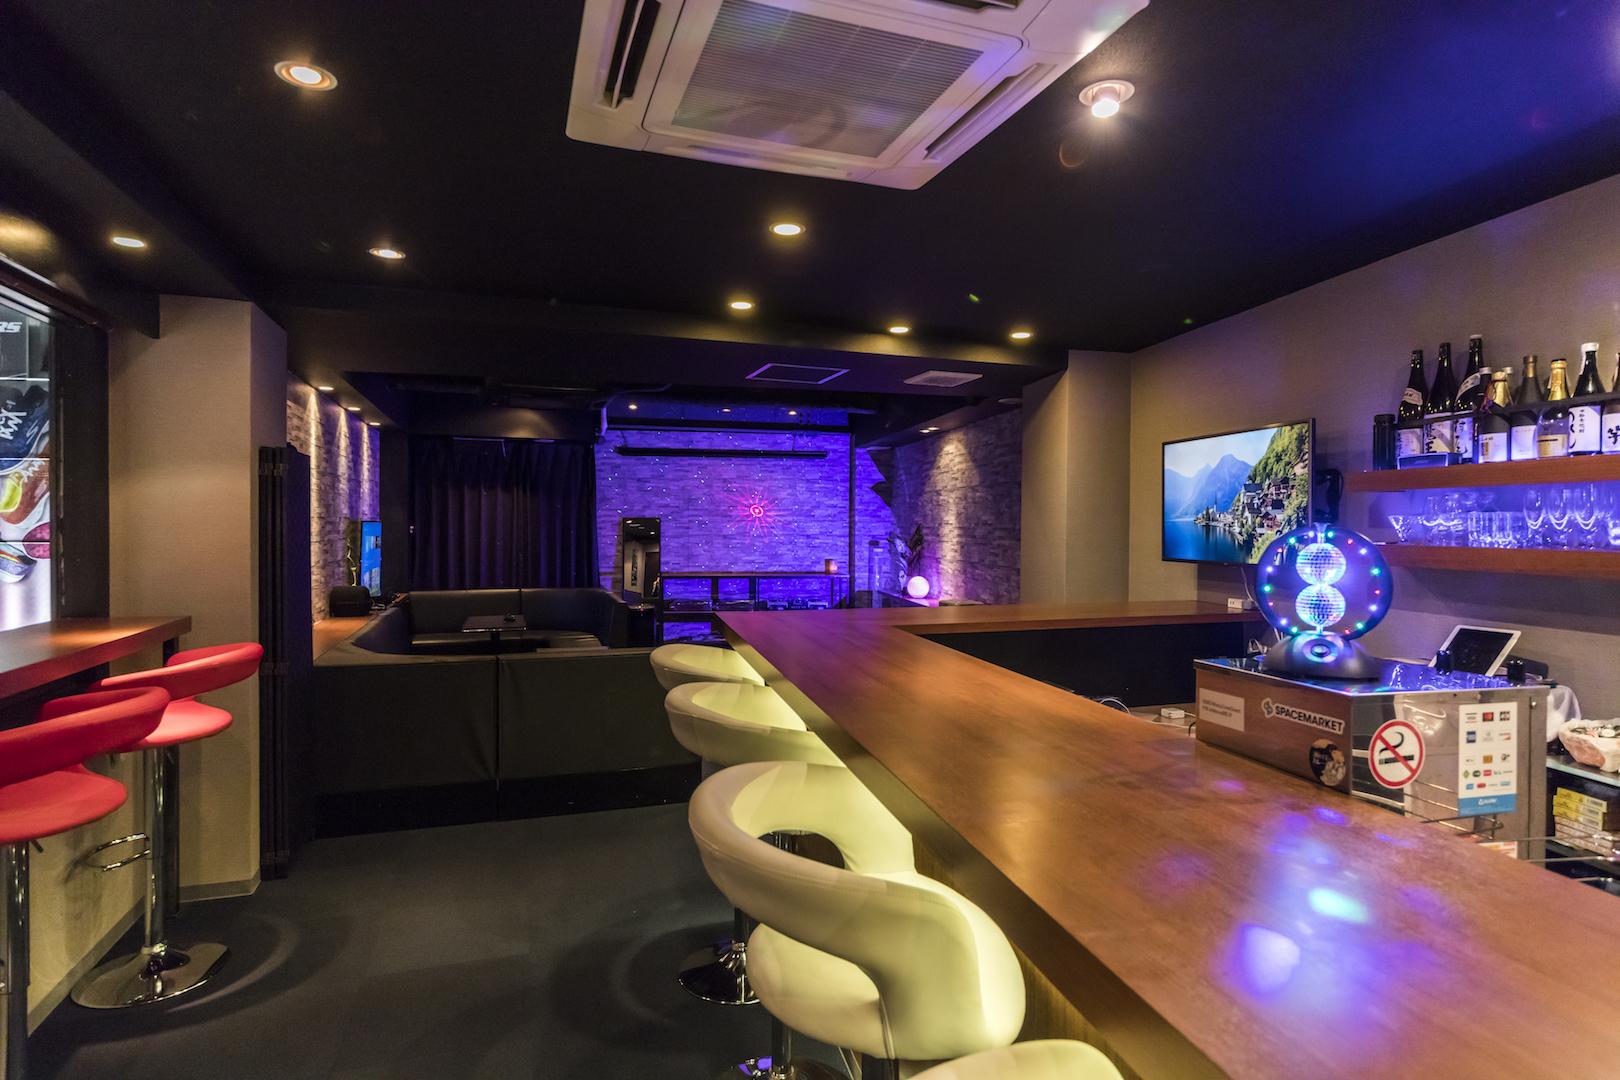 【渋谷・センター街】イベントスペース(DJセット/VRゲーム/プロジェクター/TV/WiFi/完全禁煙)【宇田川町・ロフト前】 の写真